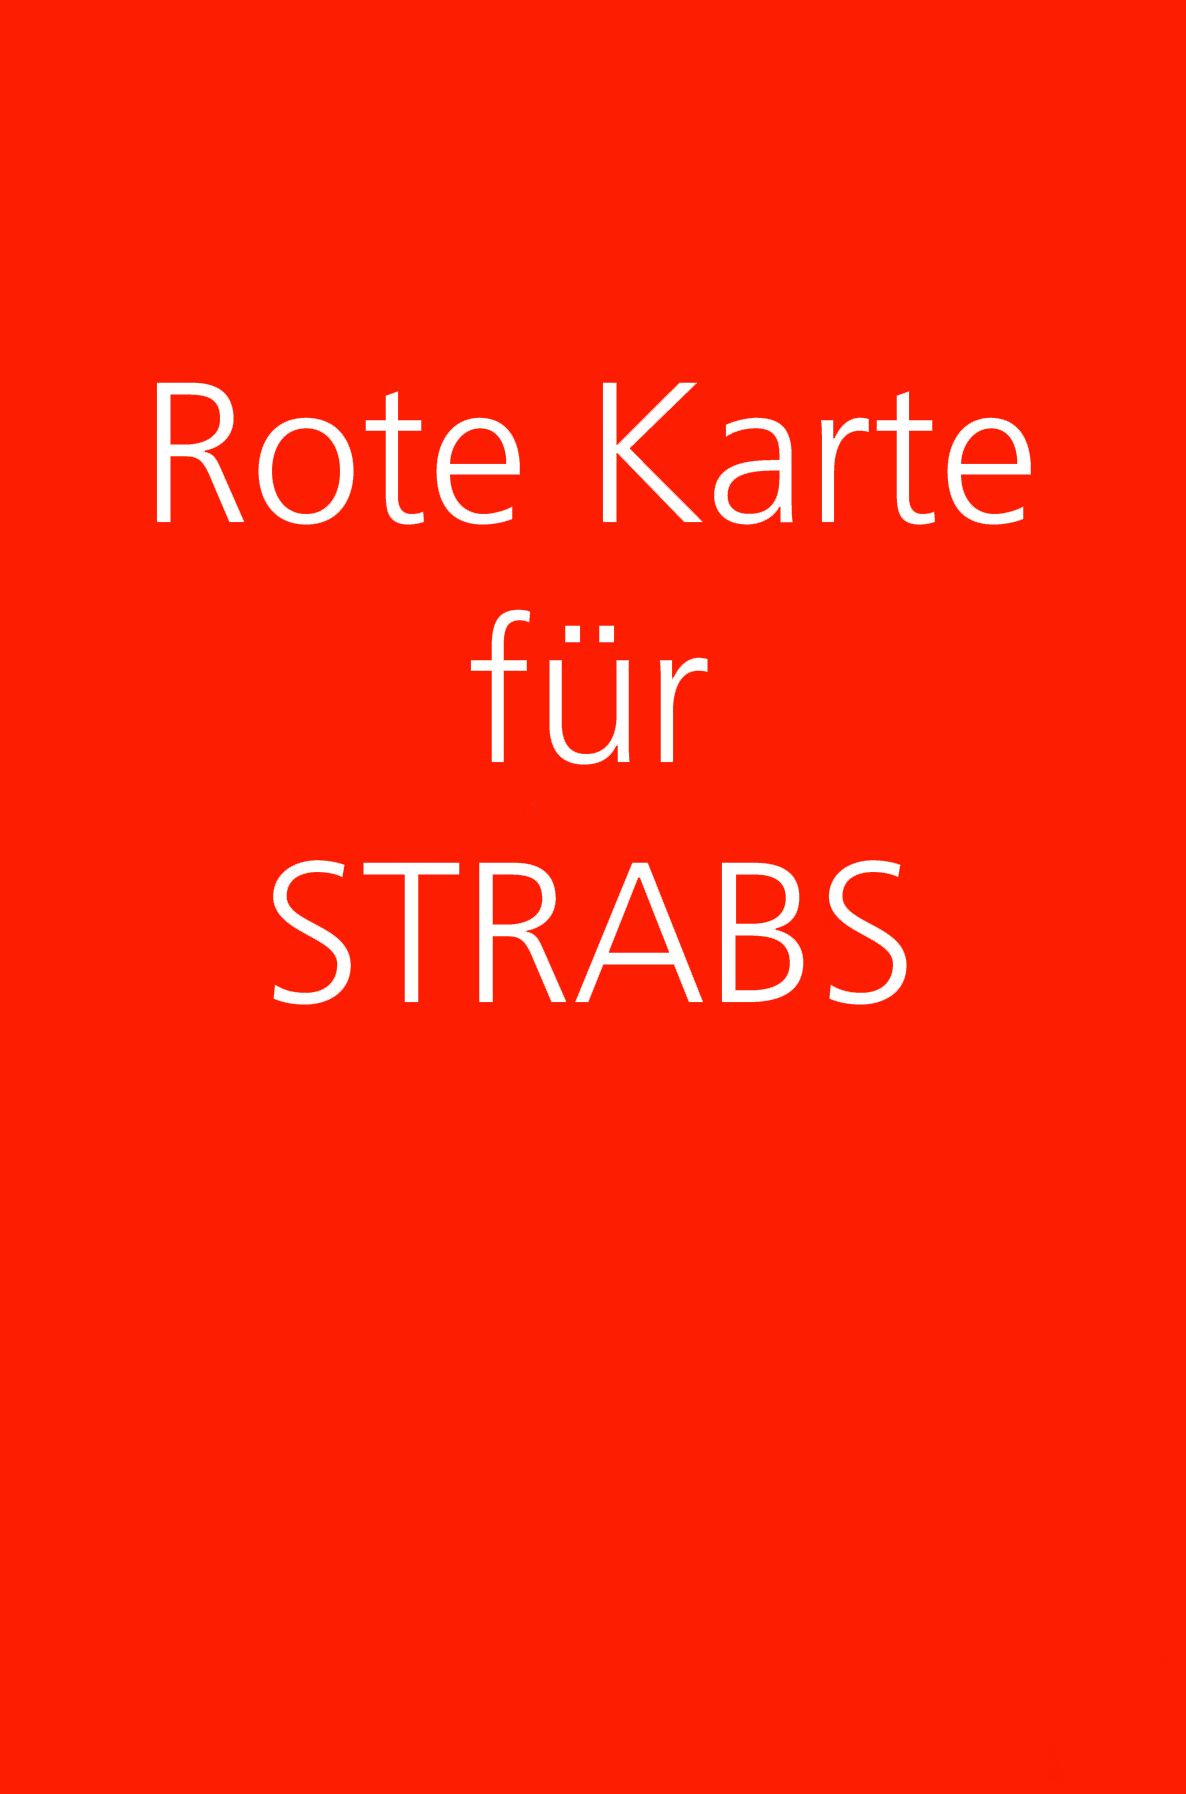 Rote Karte für STRABS